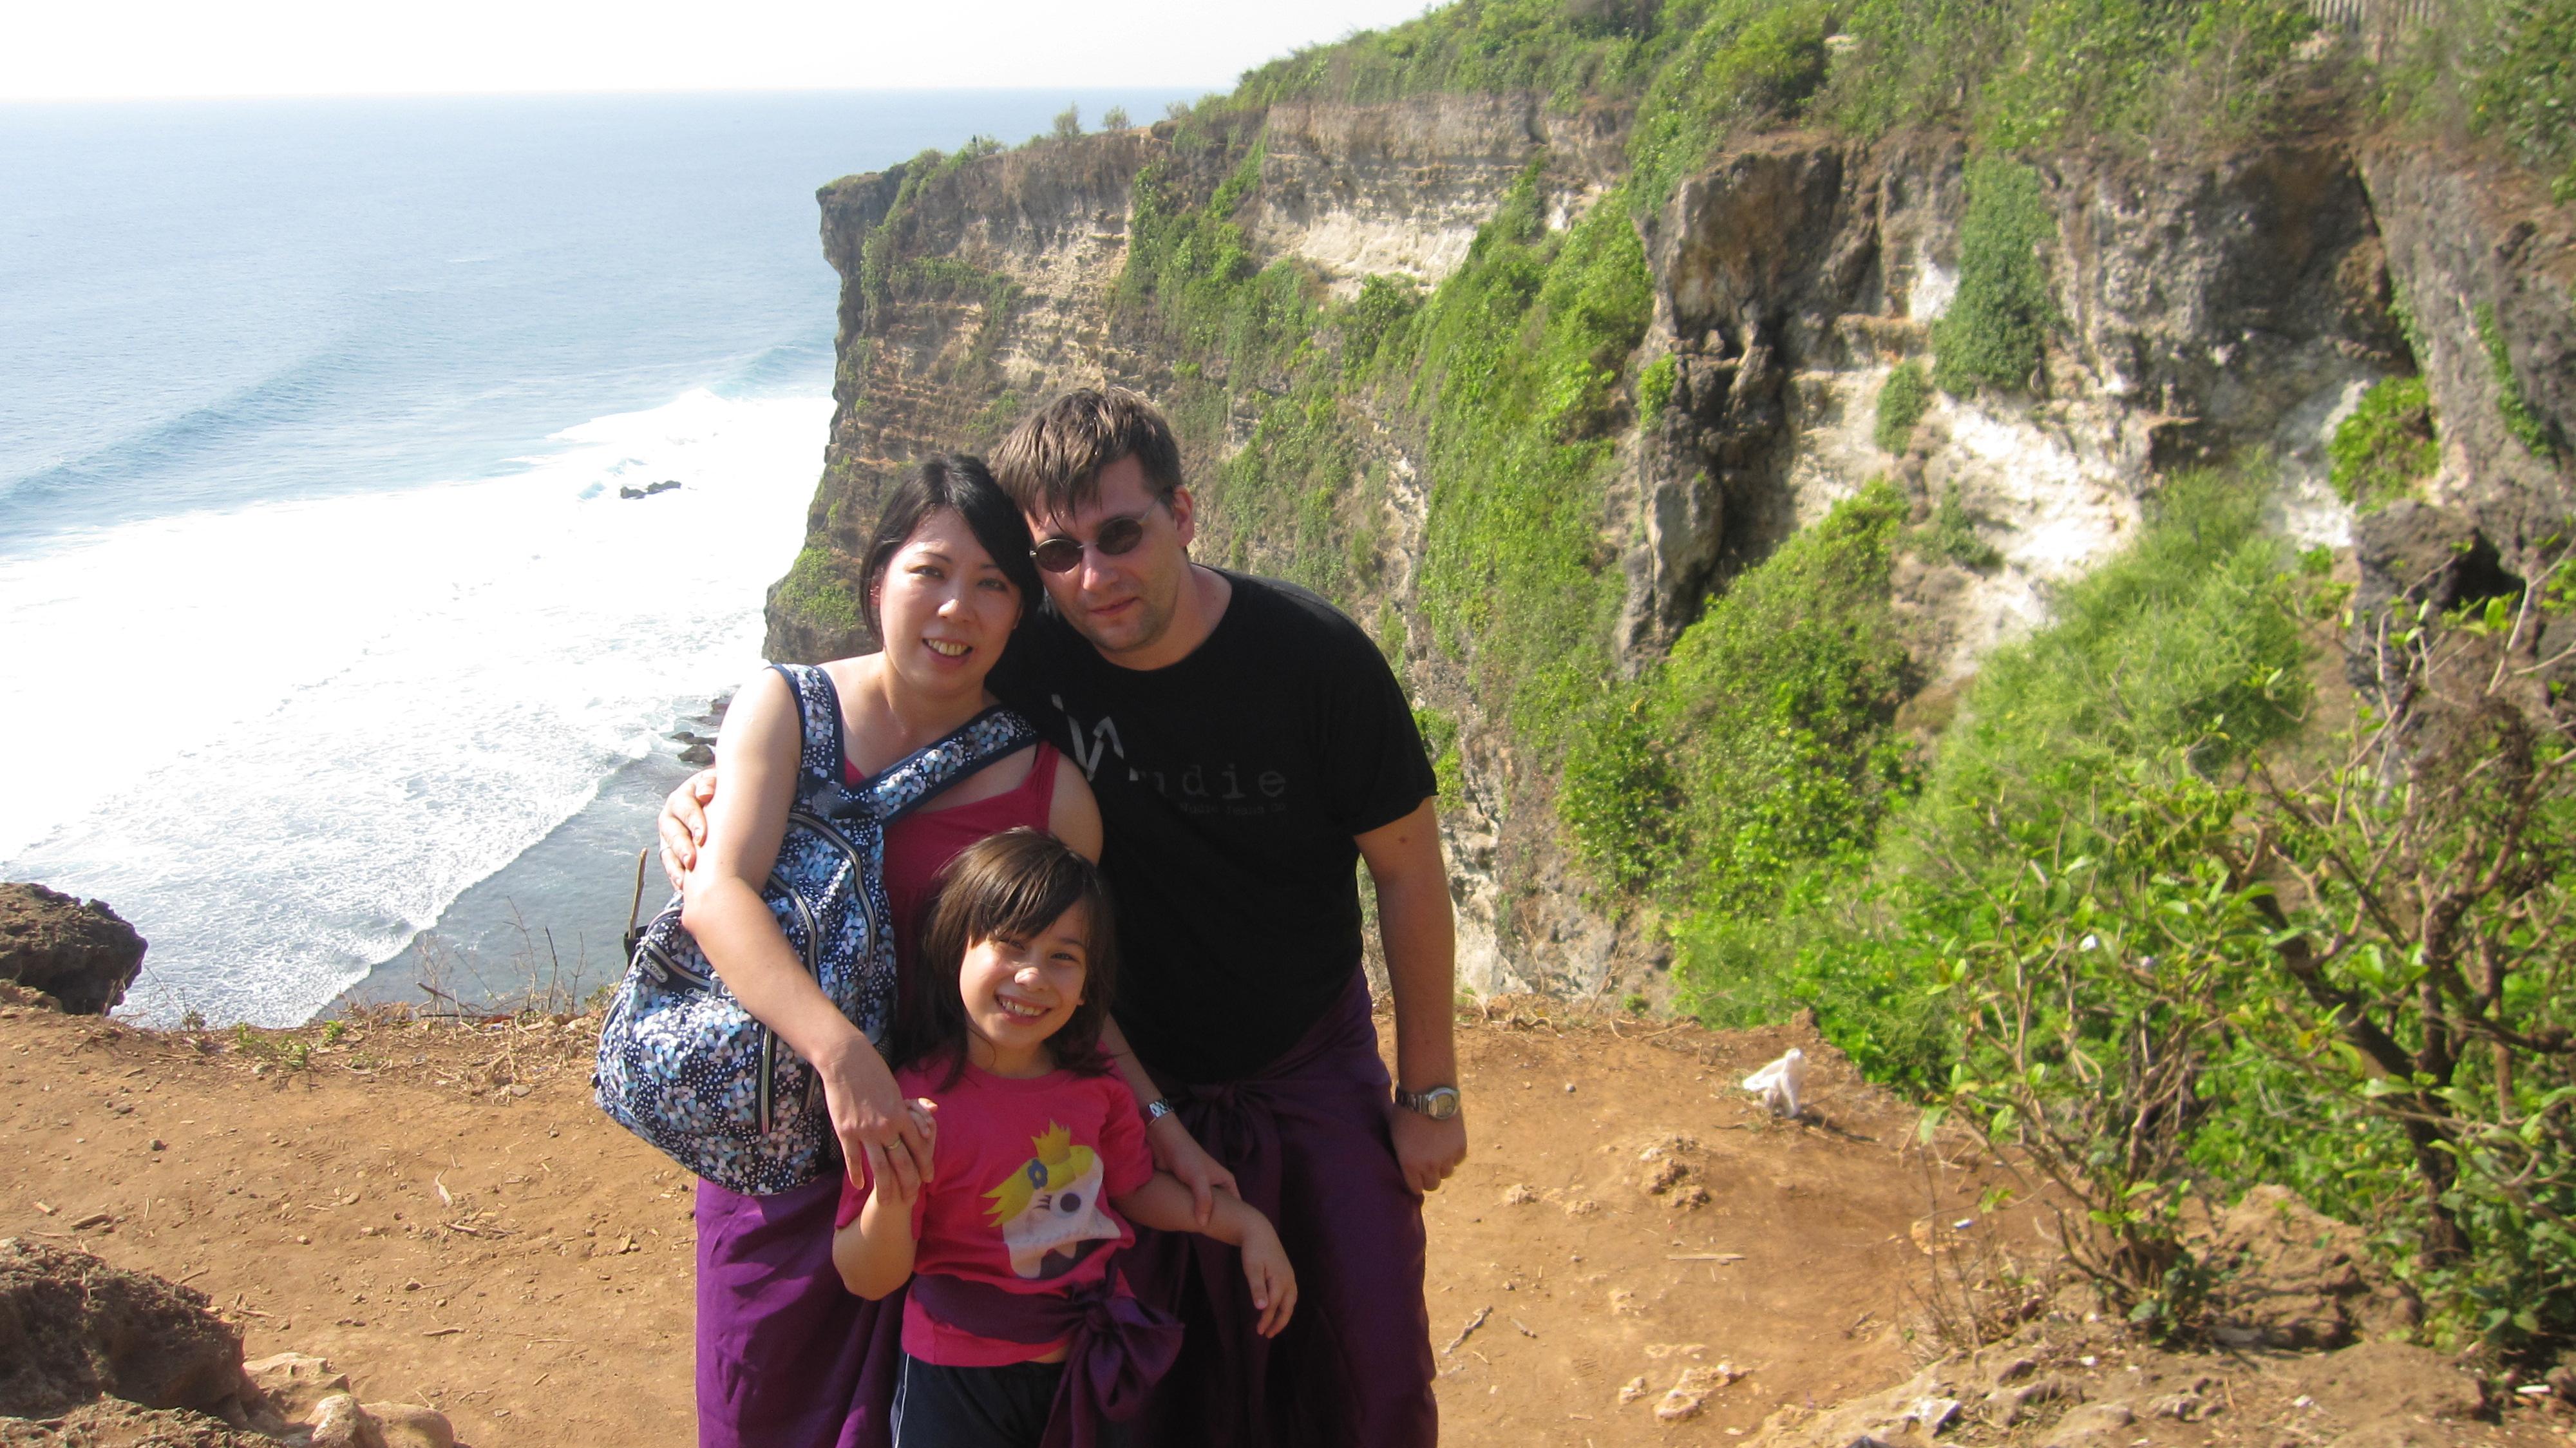 Eines der wohl schönsten Landschaften auf Bali